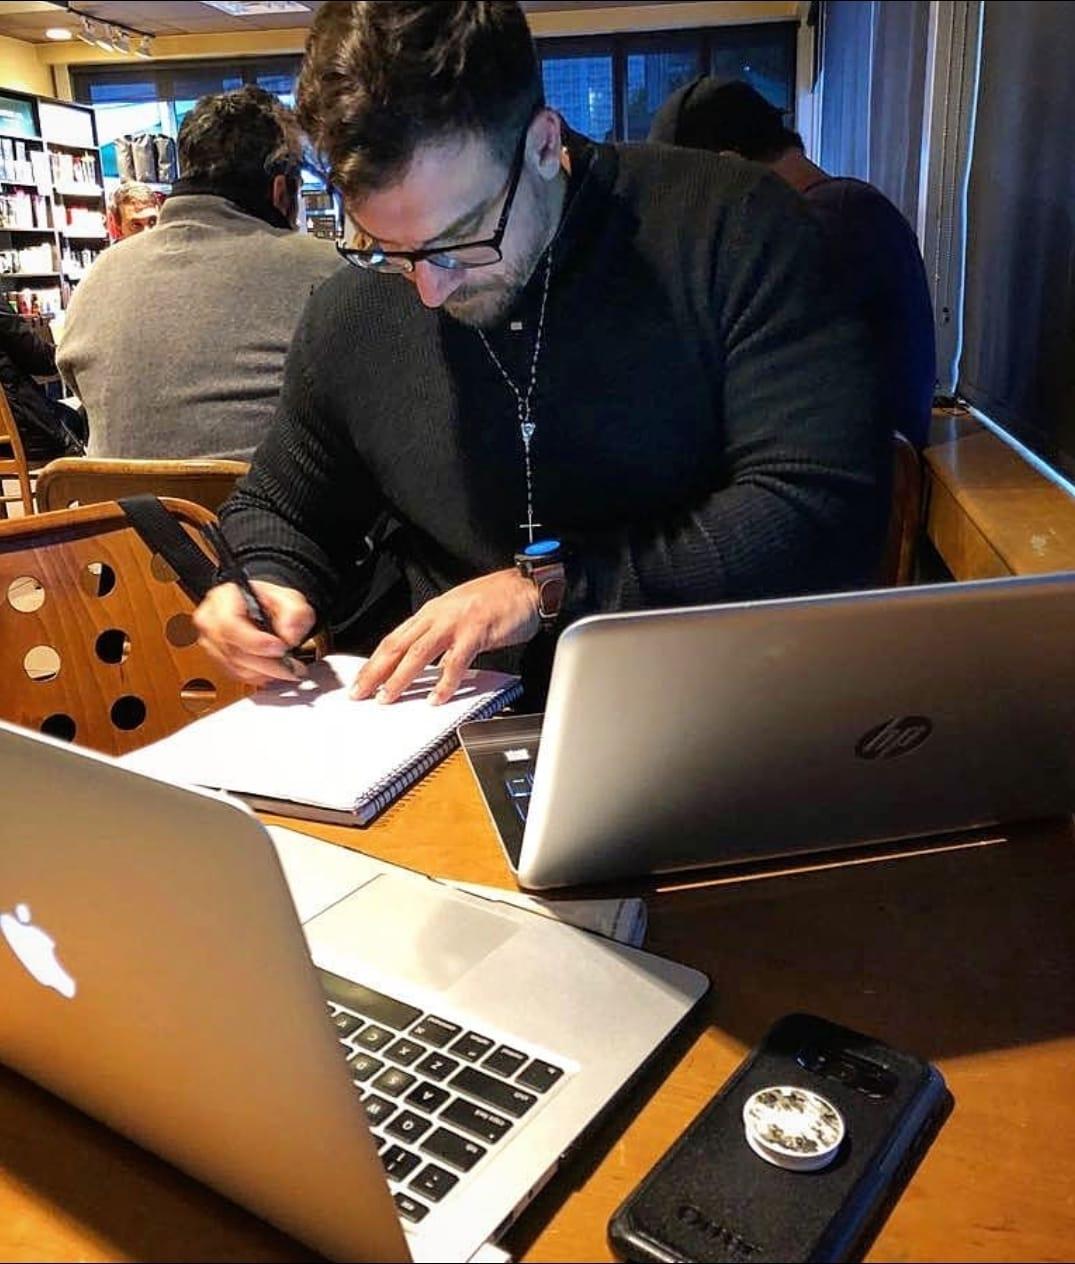 Treinador está sempre estudando e se aperfeiçoando para oferecer um excelente trabalho. (Foto: Reprodução)